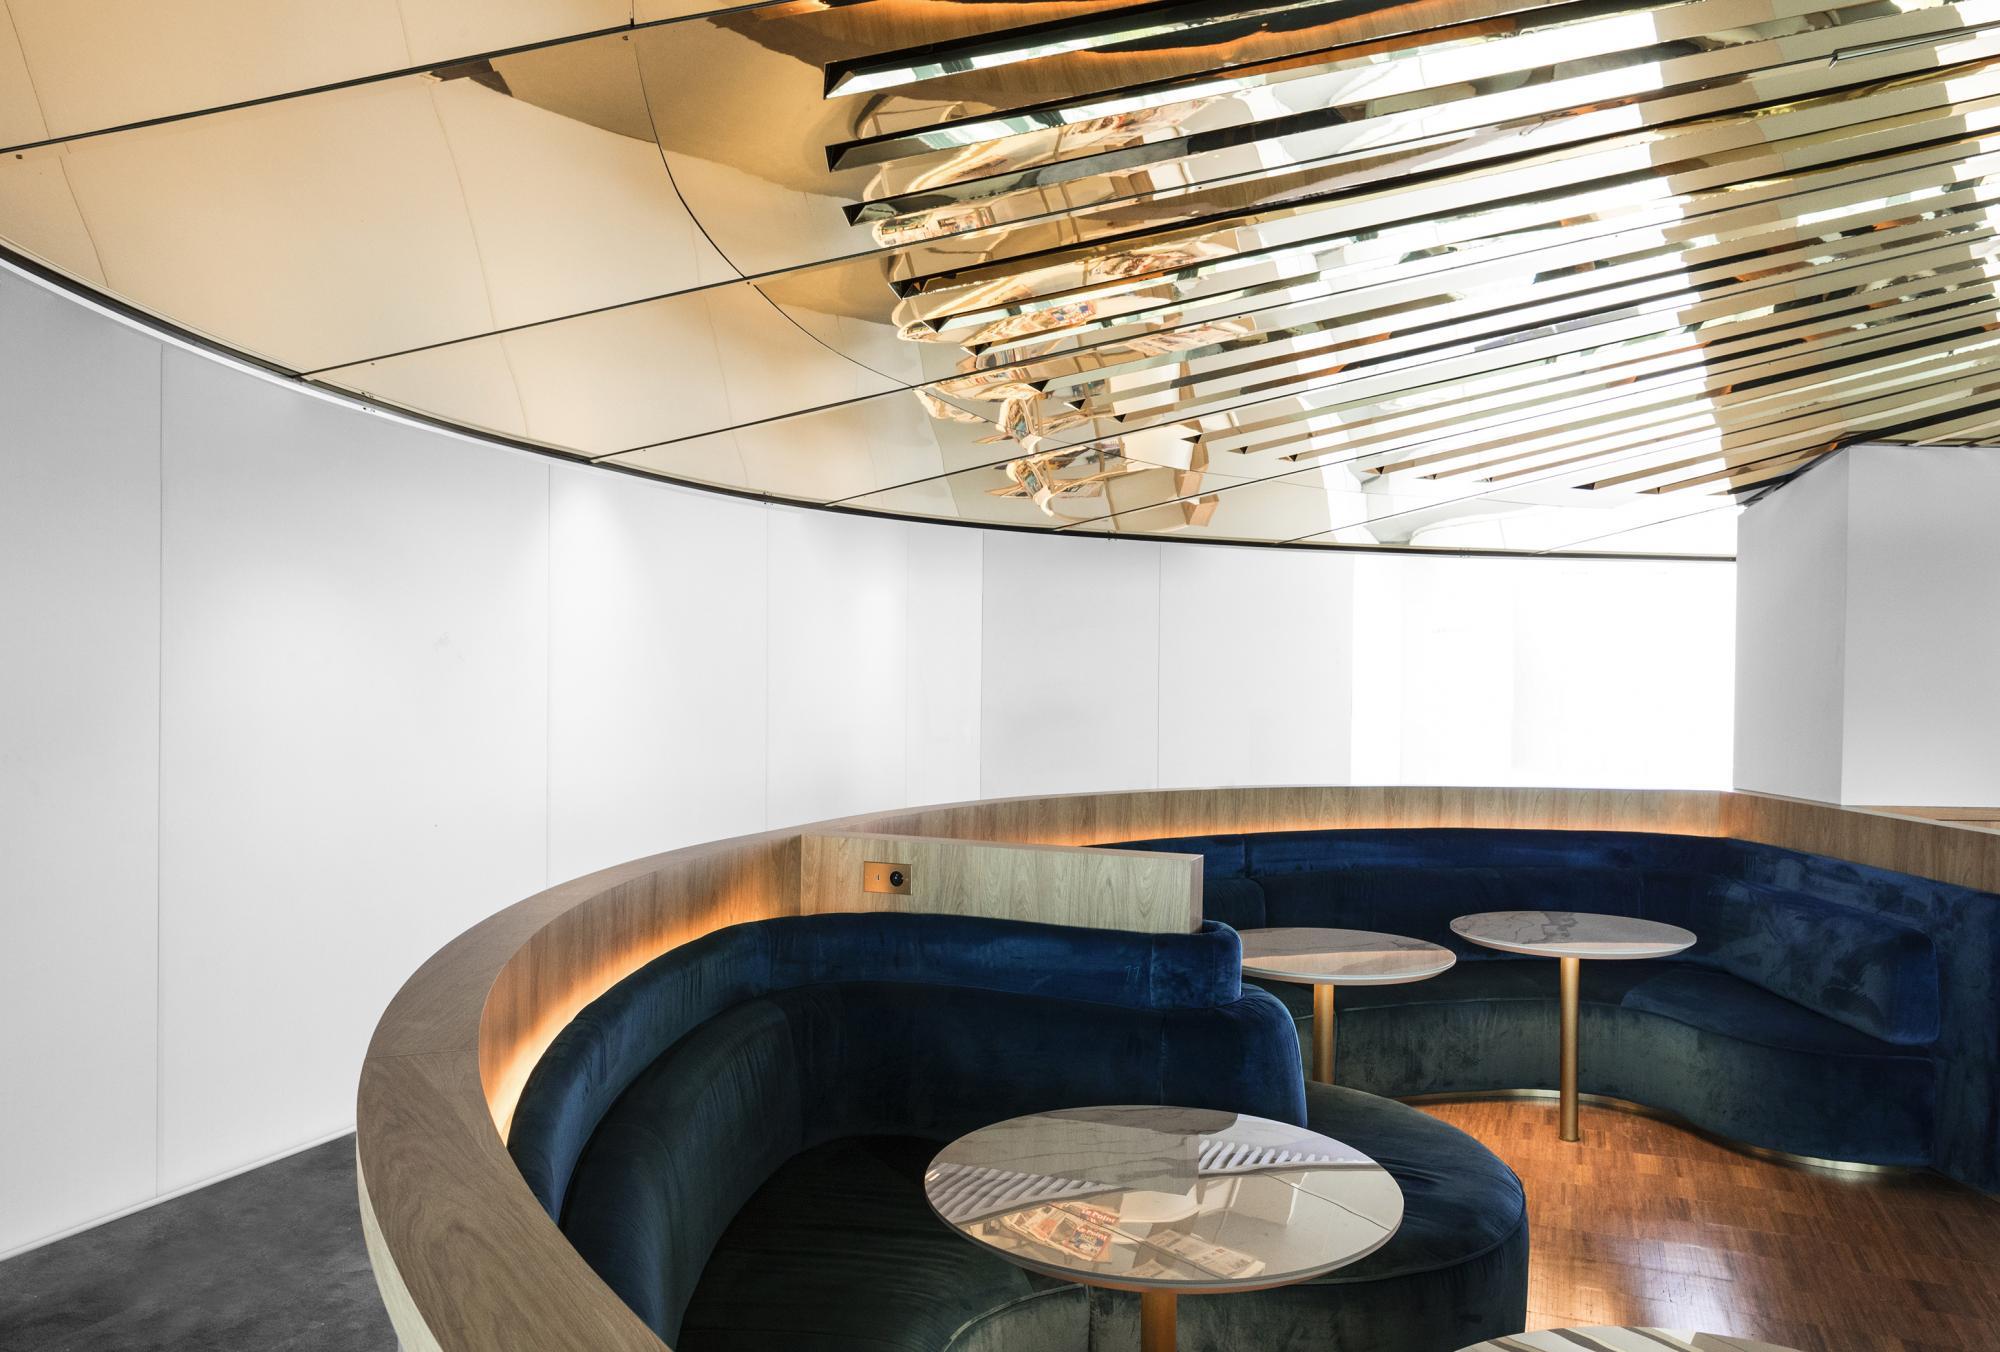 MATHIEU LEHANNEUR-Le-Balcon-Air-France-Business-Lounge